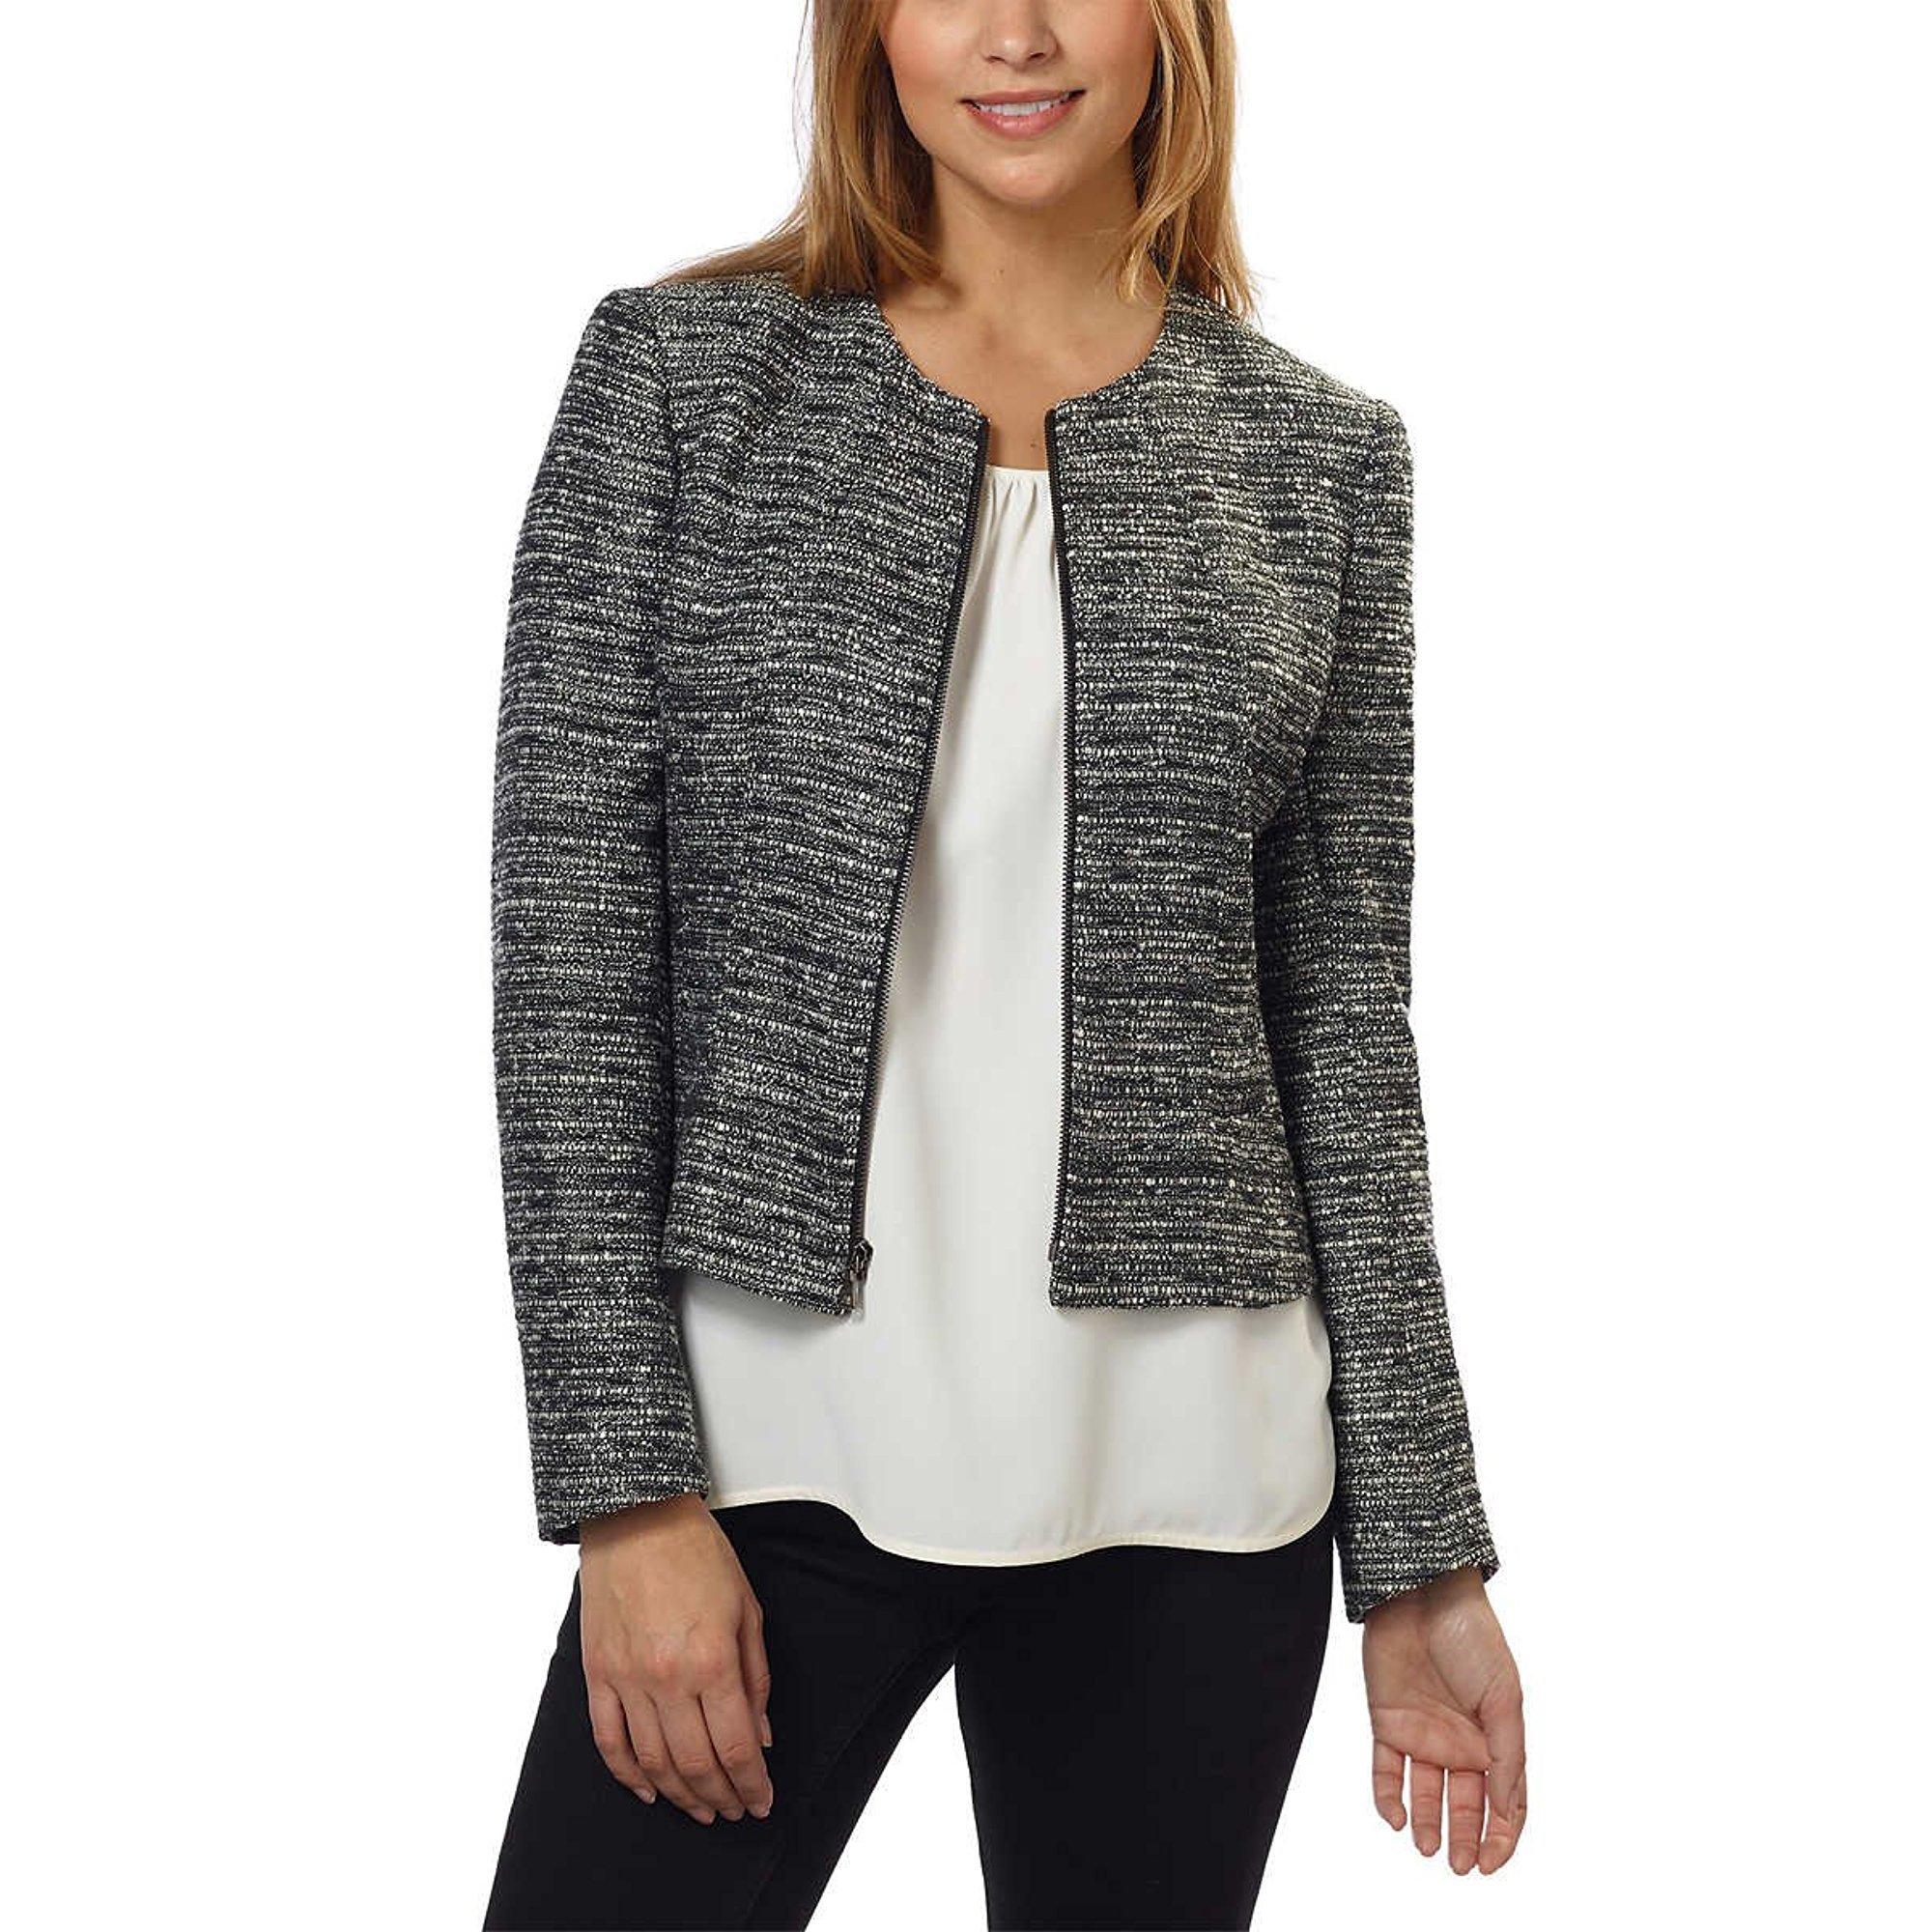 Anne Klein Women's Tweed Zip Front Jacket (Black/White, 10) by Anne Klein